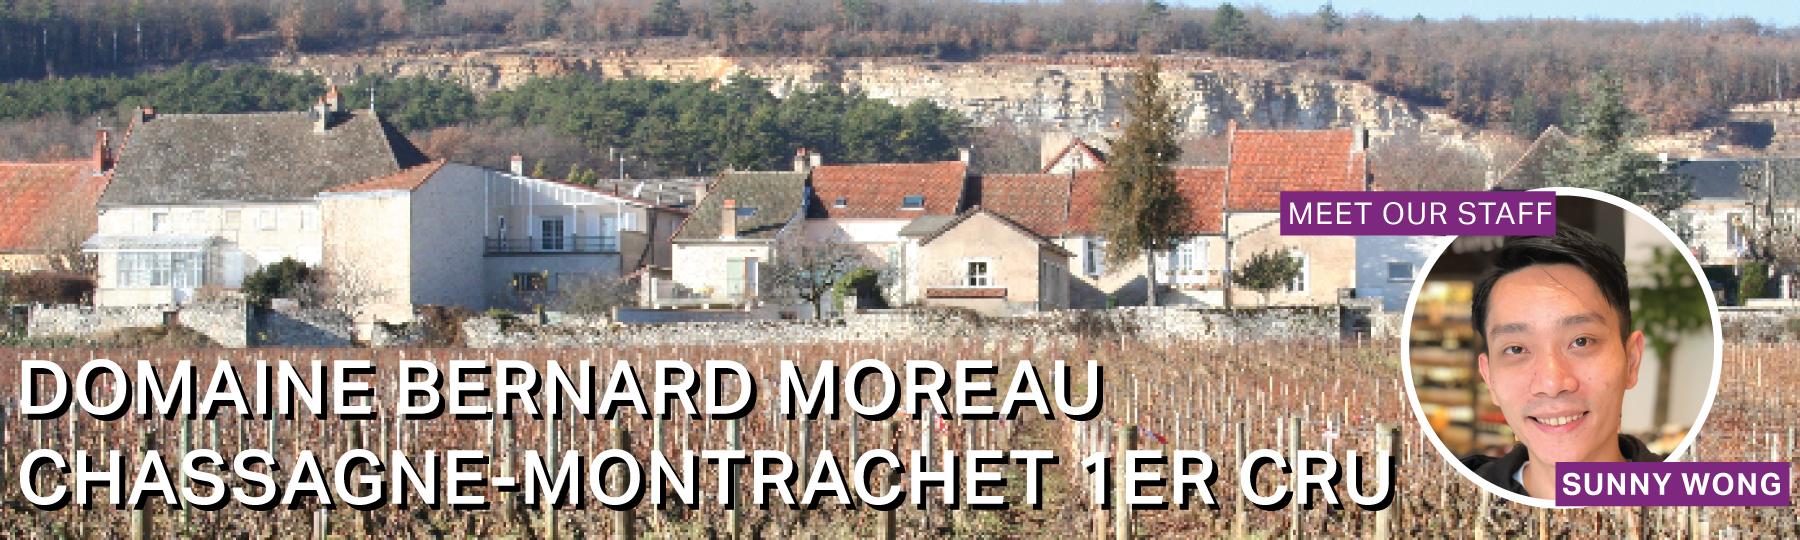 Fine Wine Friday: Bernard MoreauChassagne-Montrachet 1er Cru